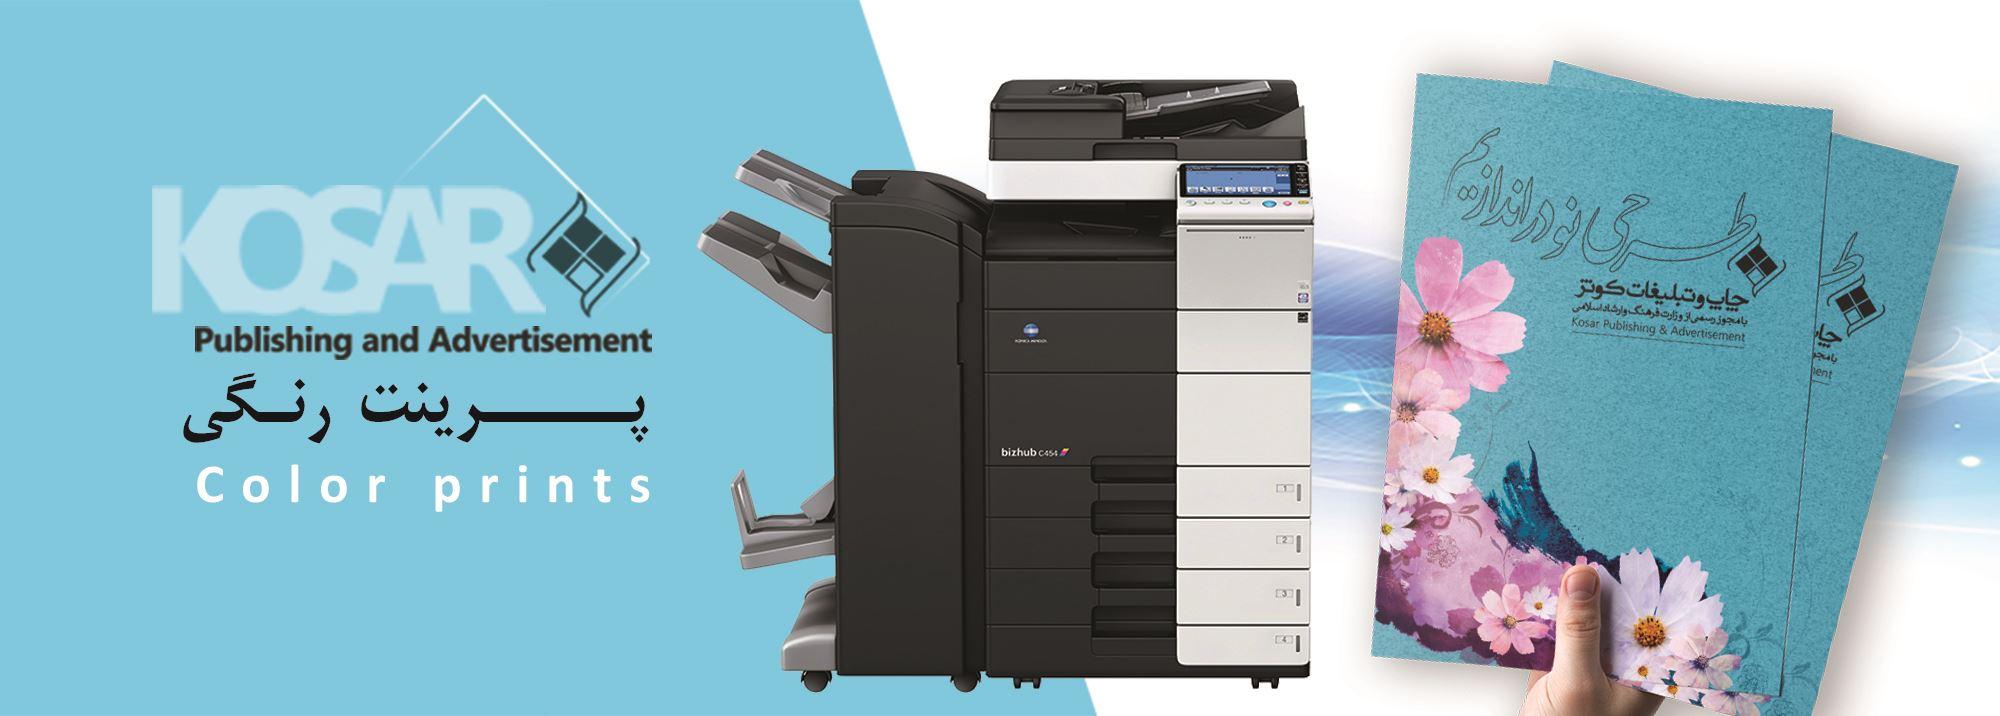 چاپ انواع کاغذ